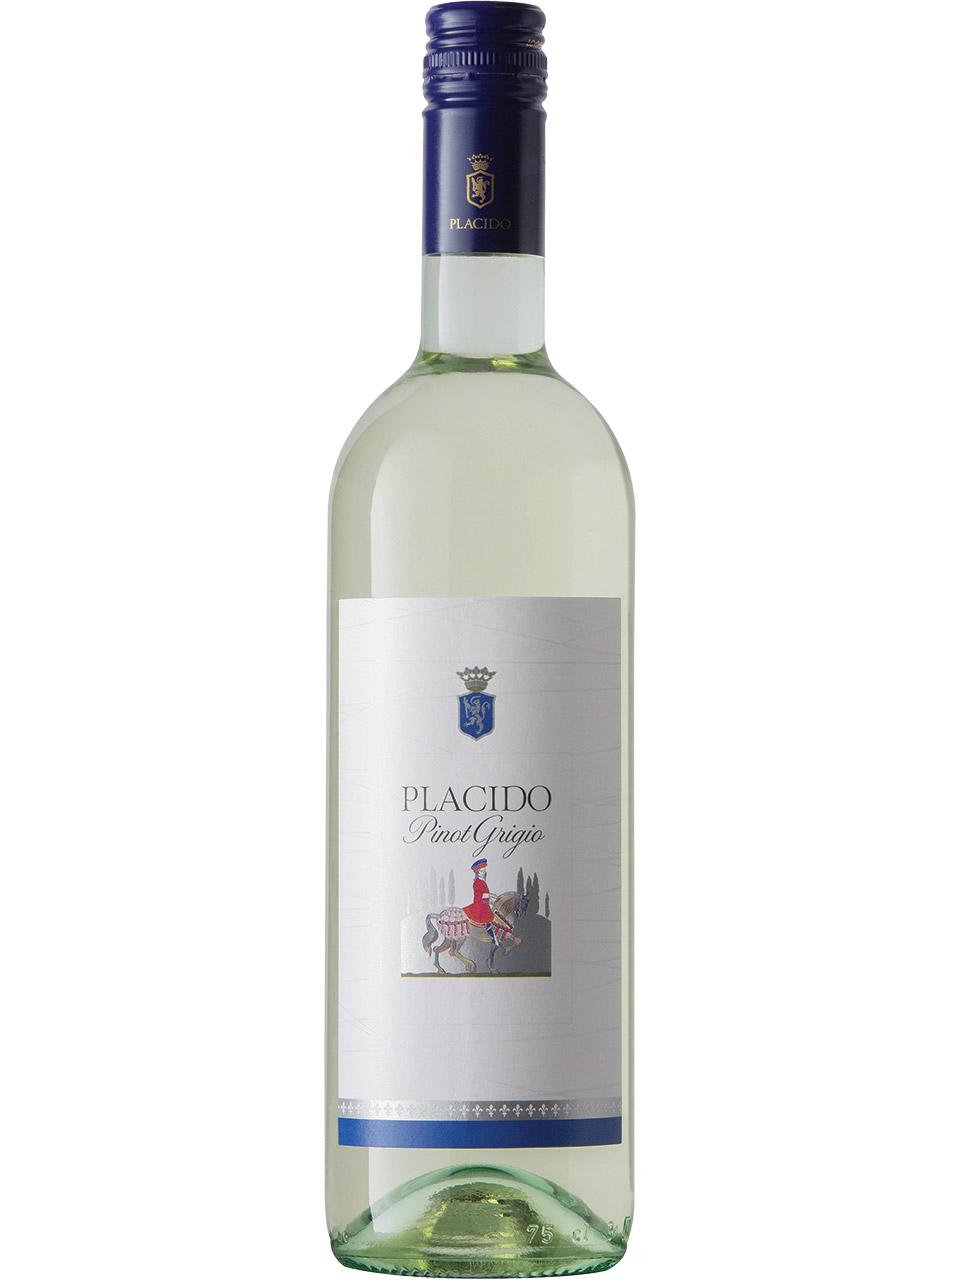 Placido Pinot Grigio